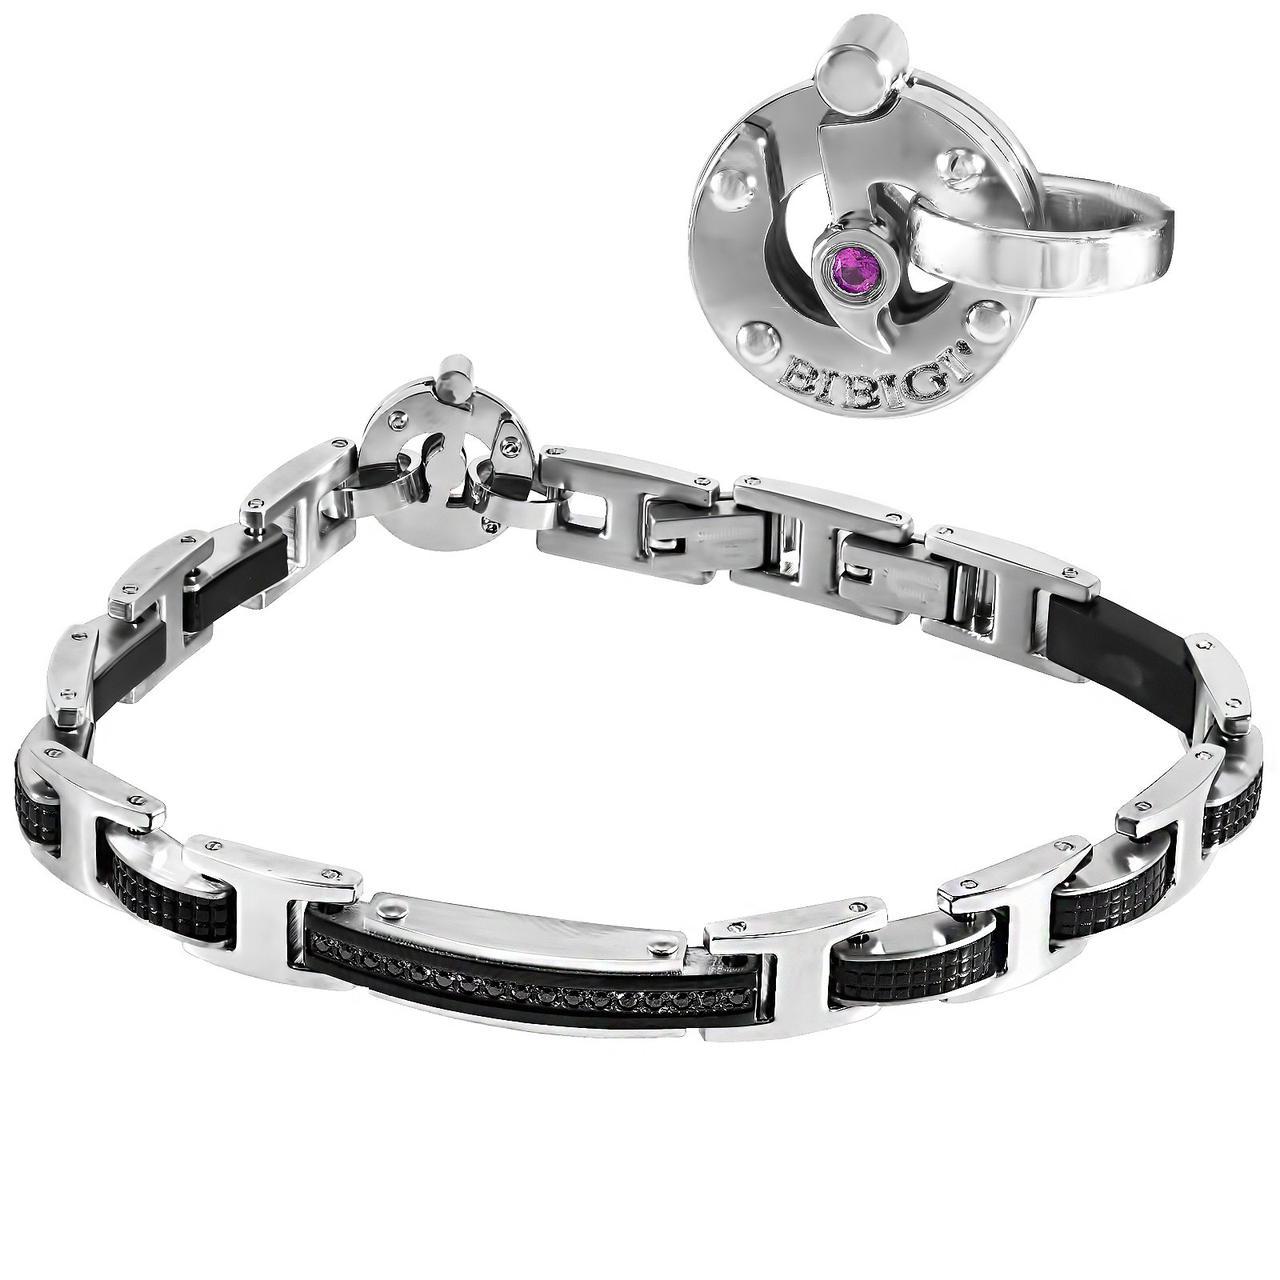 Мужской браслет из стали c бриллиантом, сапфиром и шпинелем, размер 21.5 (1682032)